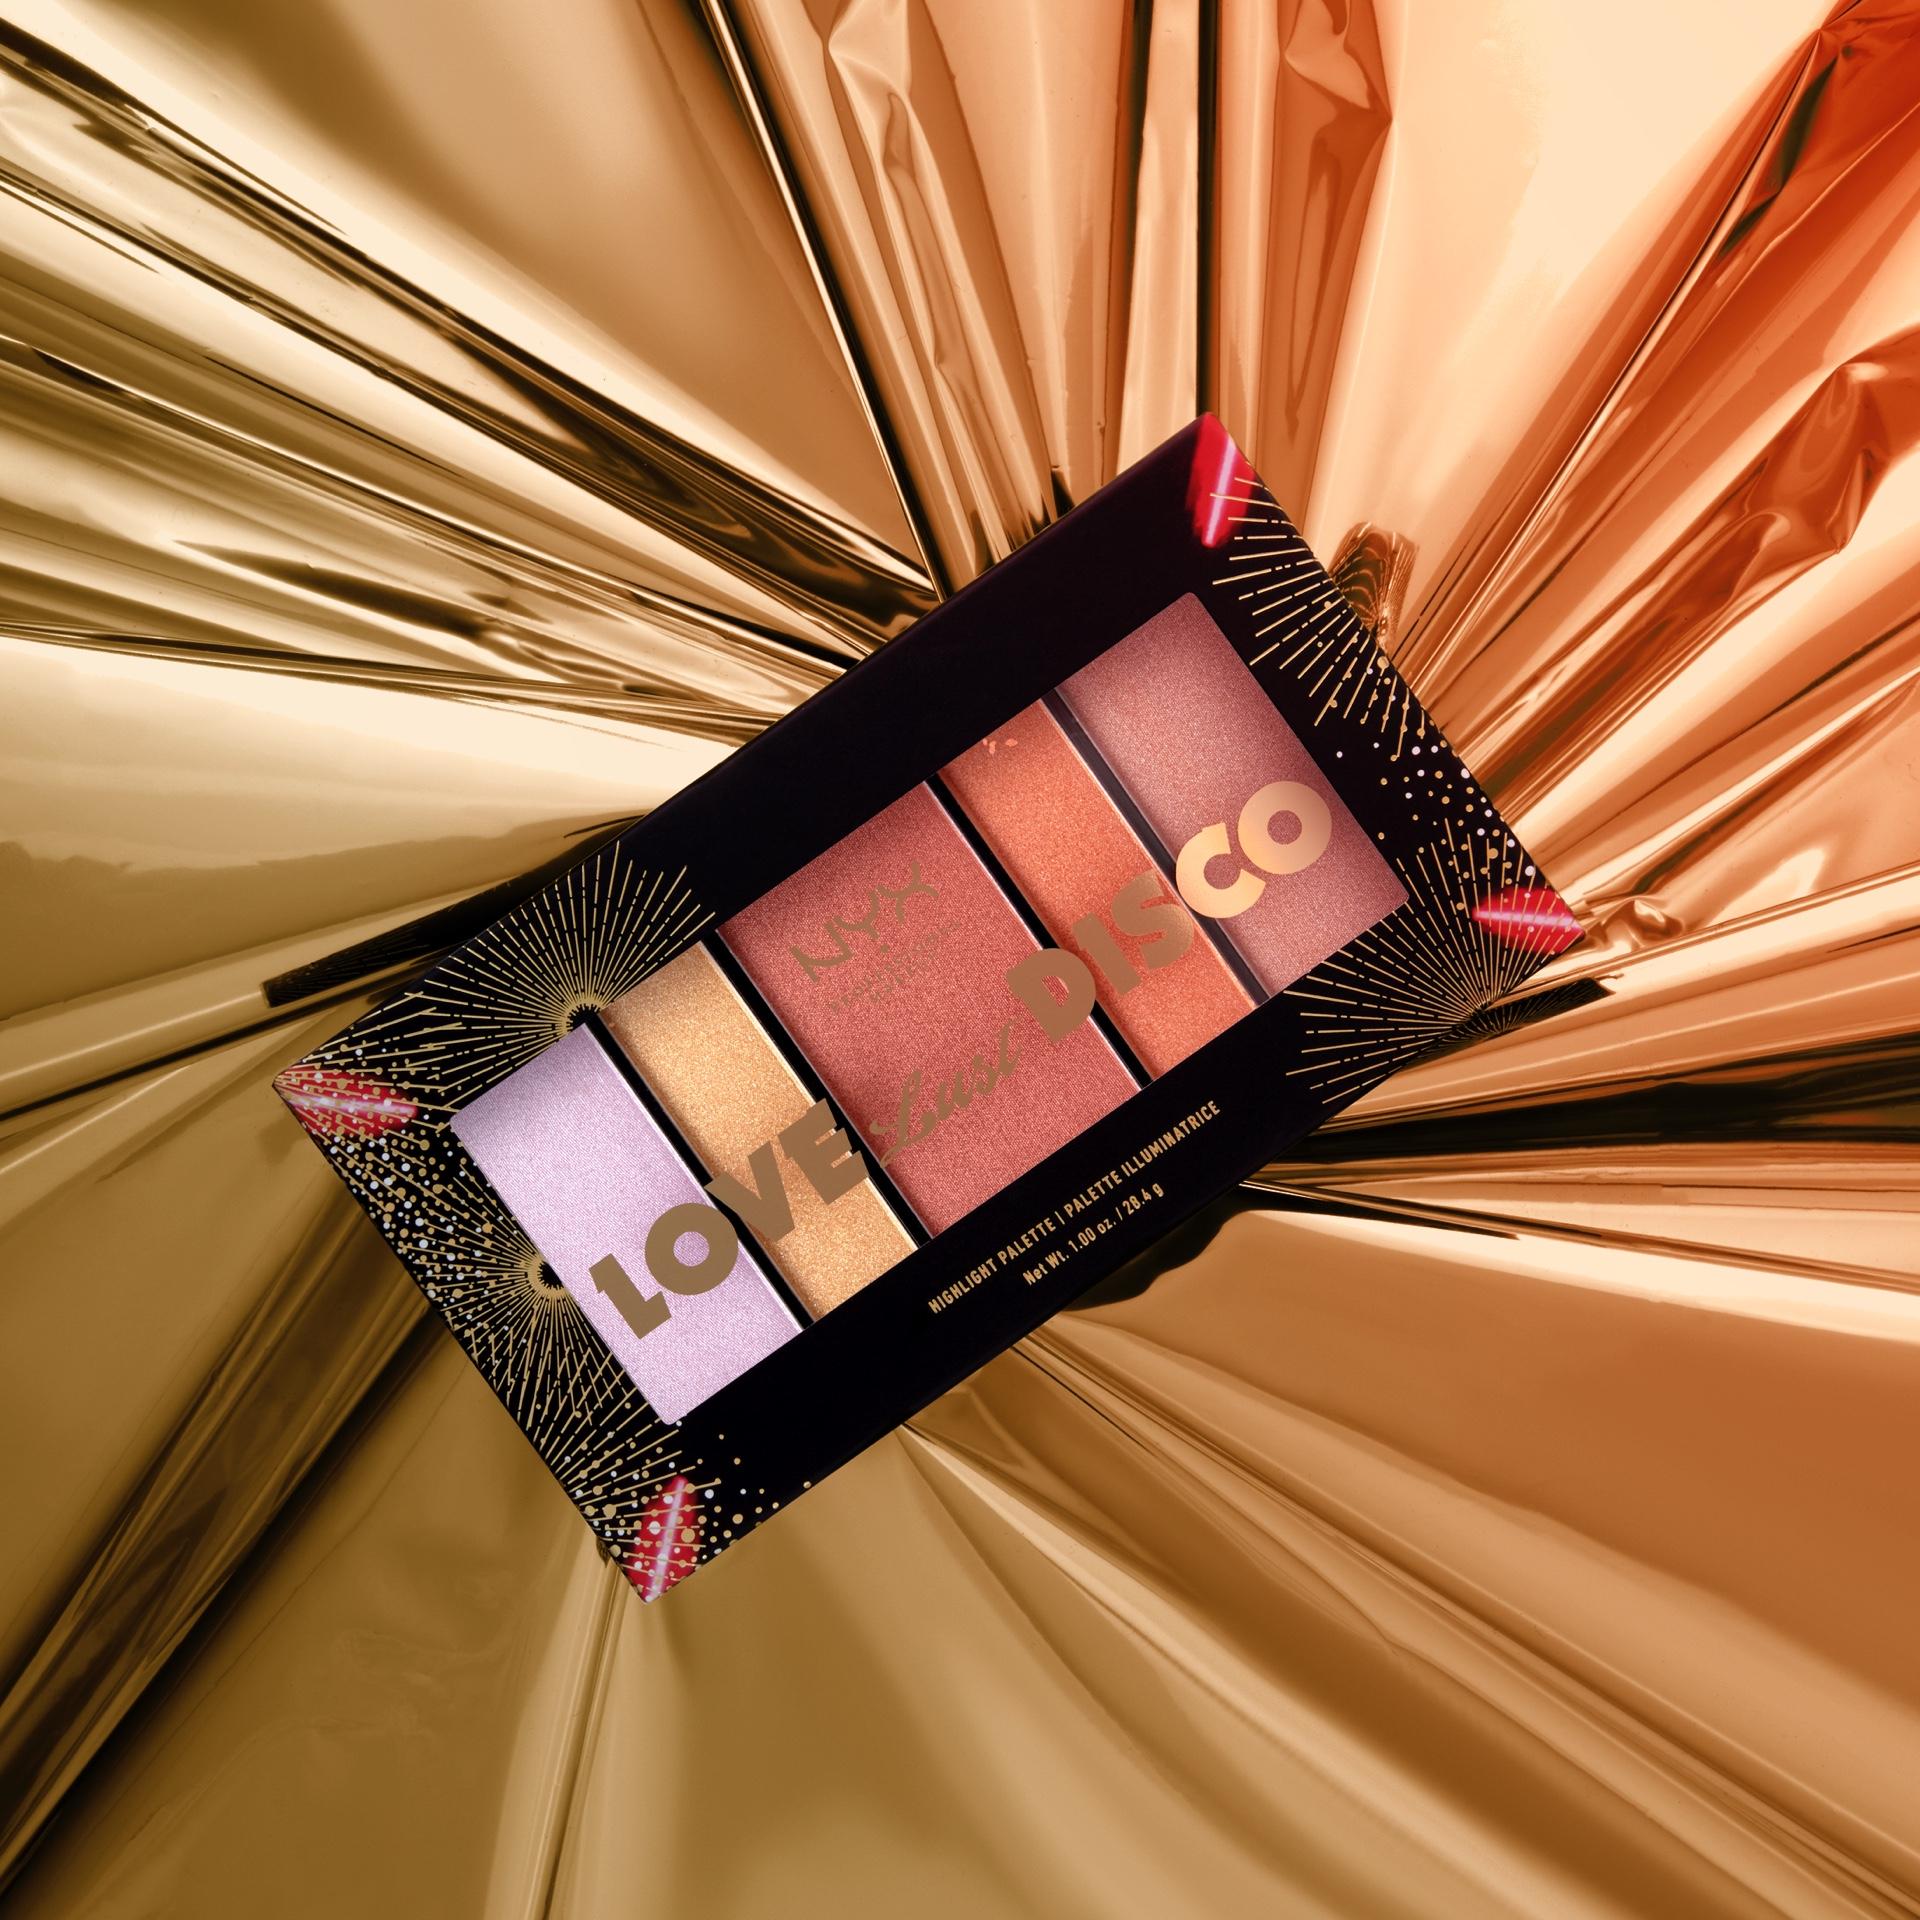 Love Lust Disco Highlight Palette